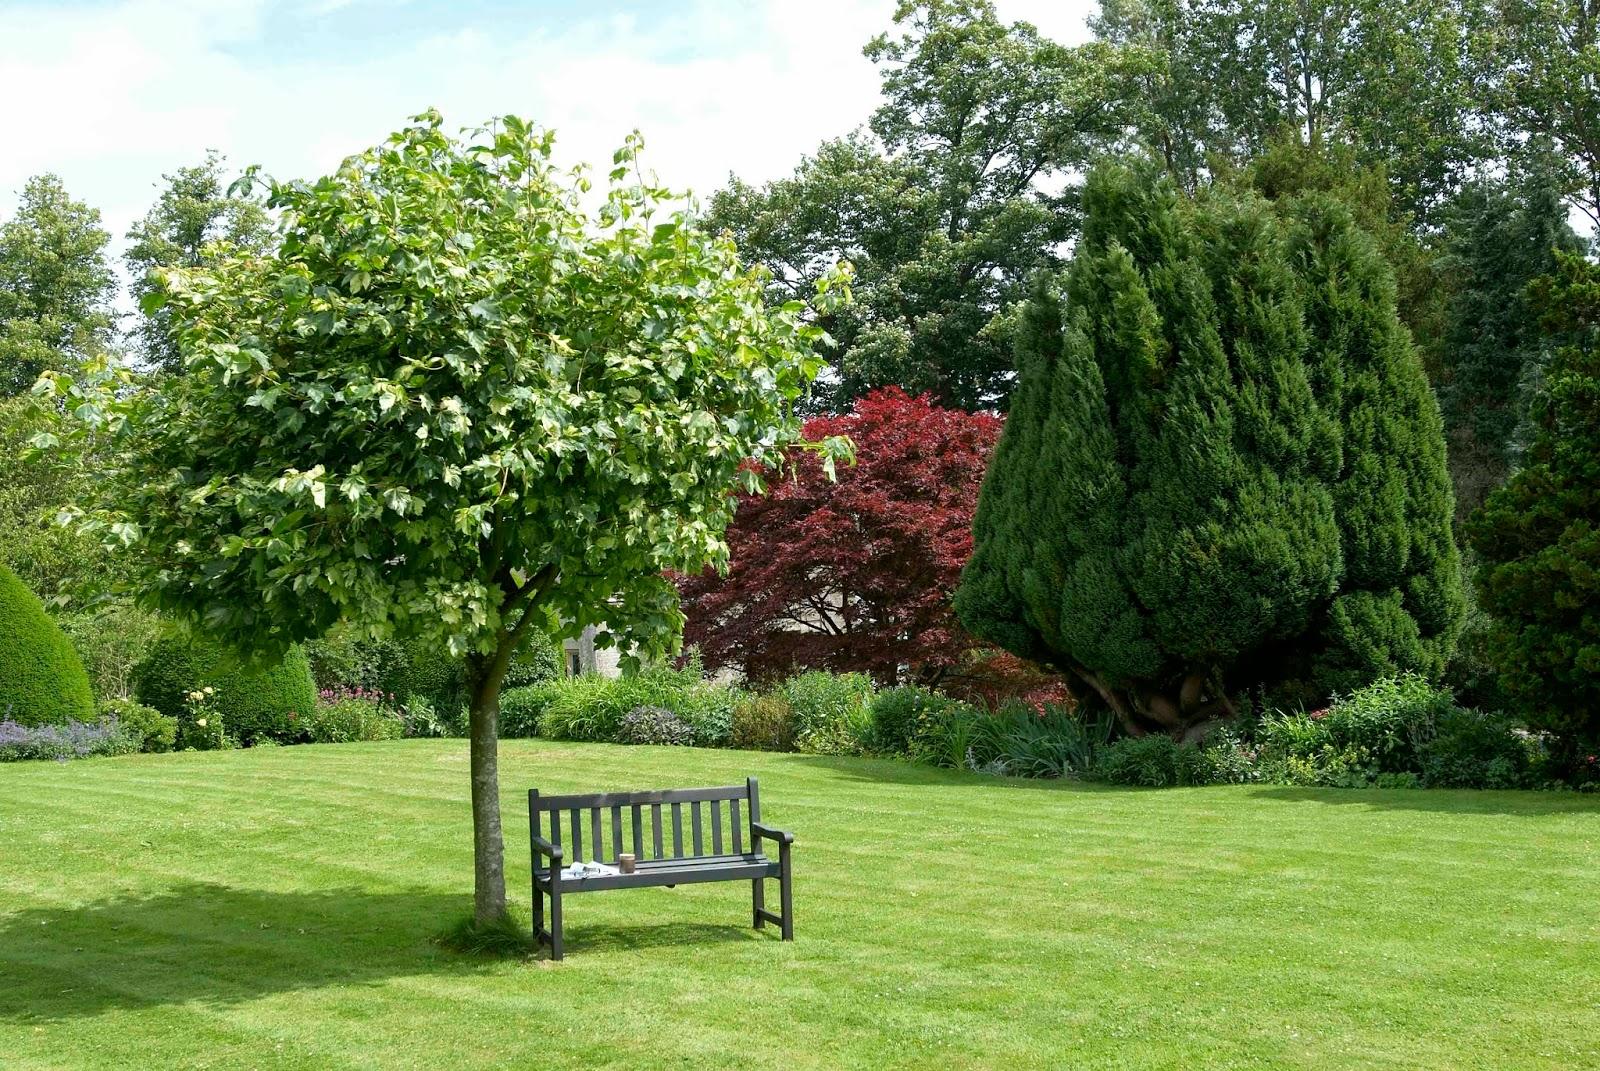 #7B9437 banco de jardim fazer:decoração bancos para jardim nada mais bonito  1600x1071 px banco de madeira para jardim como fazer @ bernauer.info Móveis Antigos Novos E Usados Online